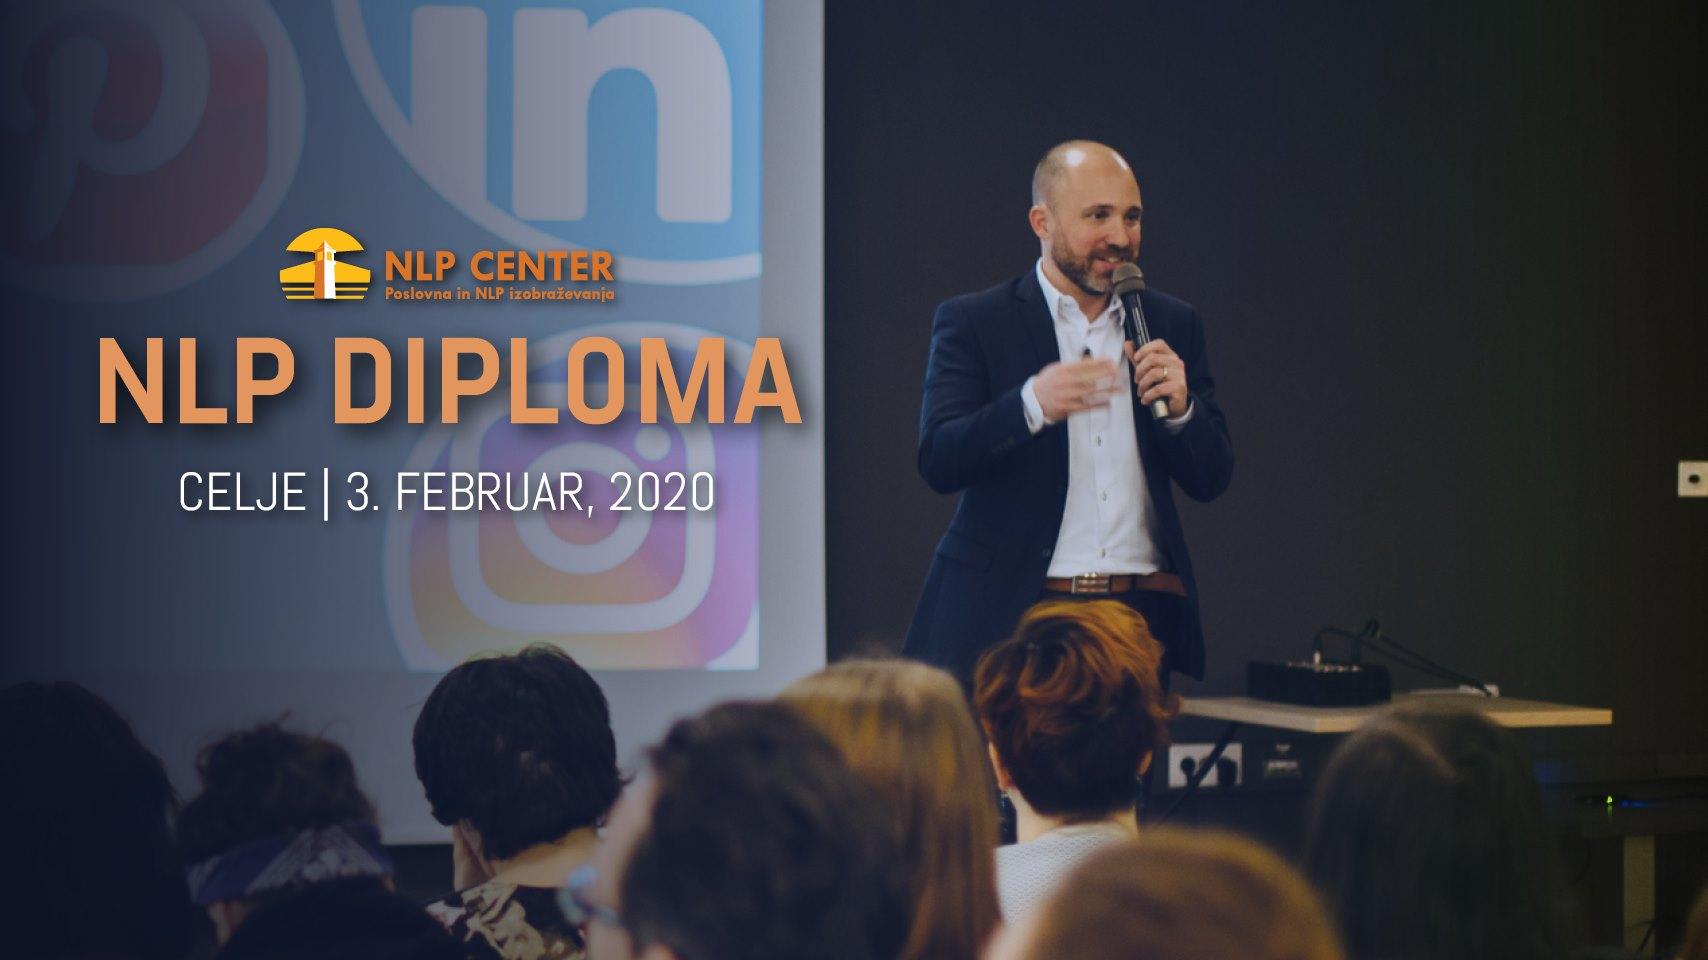 NLP Diploma - Celje